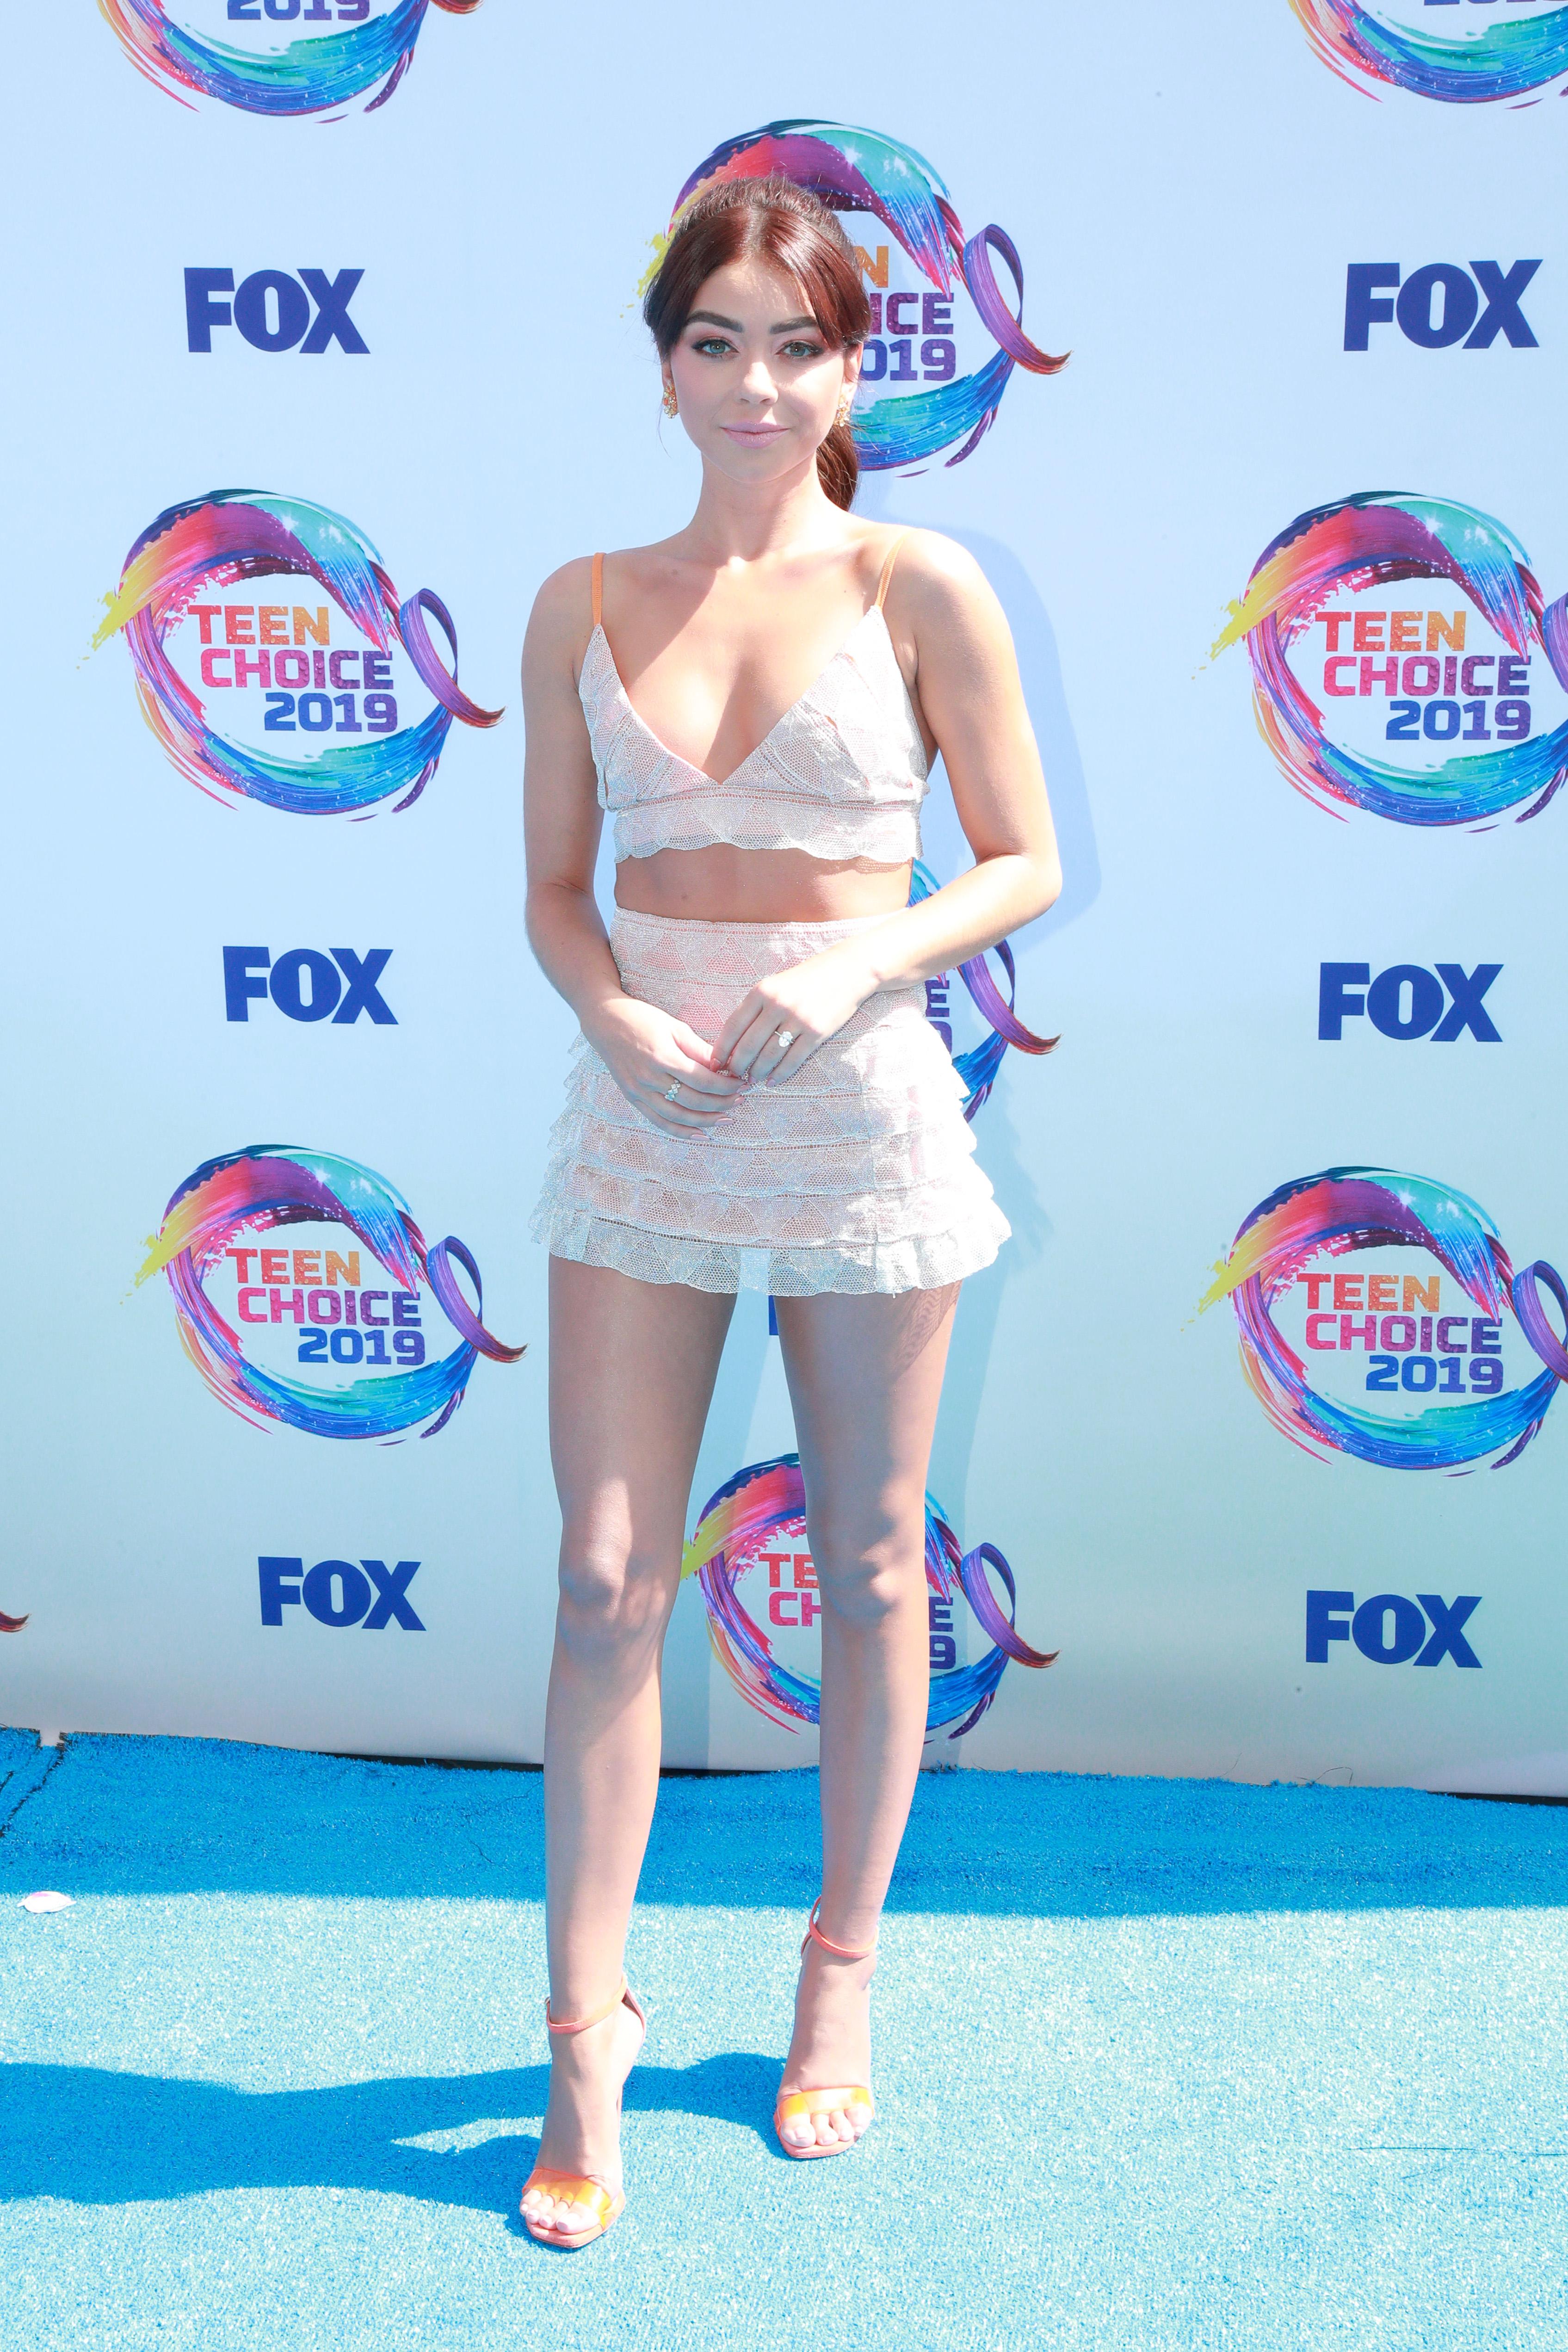 Американската актриса Сара Хайланд продължава да се облича като 15-годишна, дори и отдавна да е подминала тази възраст - в момента е на точно 29, което, поне според нас, изисква малко по-различен аутфит.